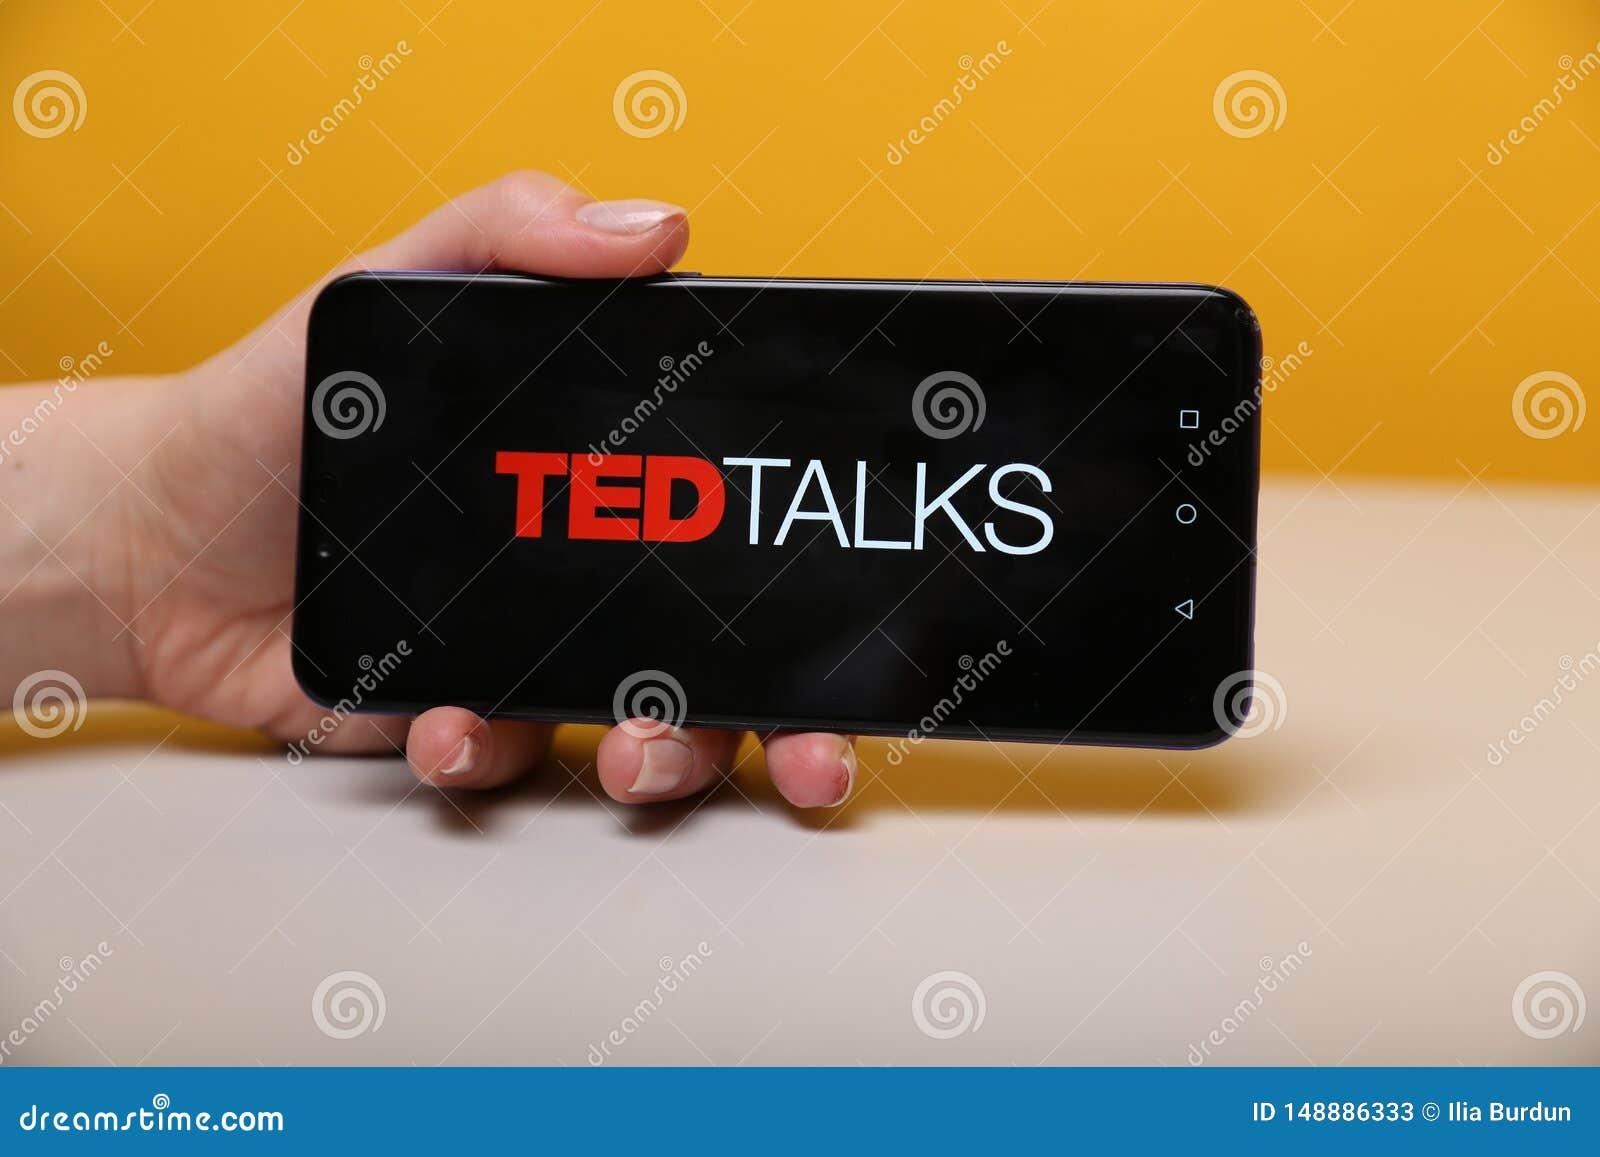 Тула, Россия - 12-ое мая 2019: Беседы Тед на дисплее телефона